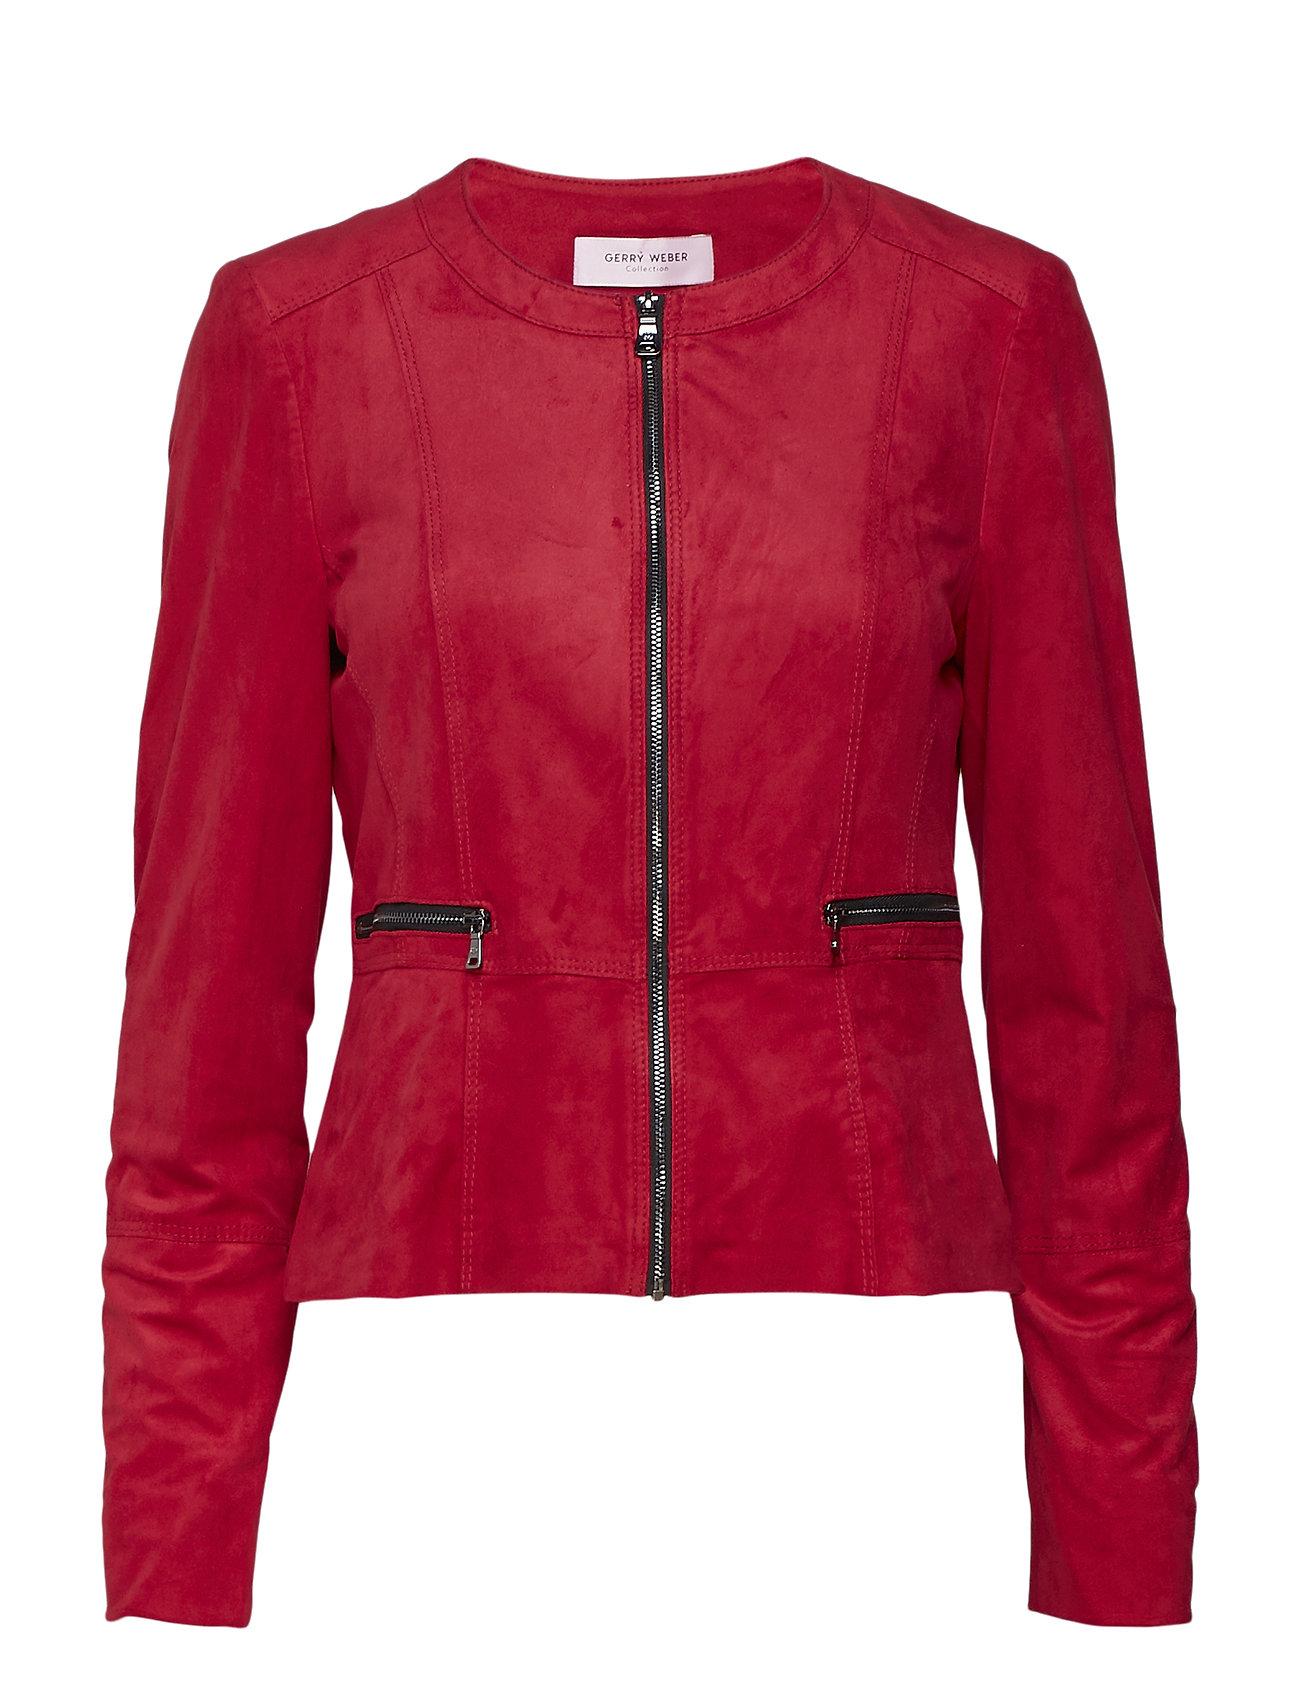 Blazer / Jacket Leat